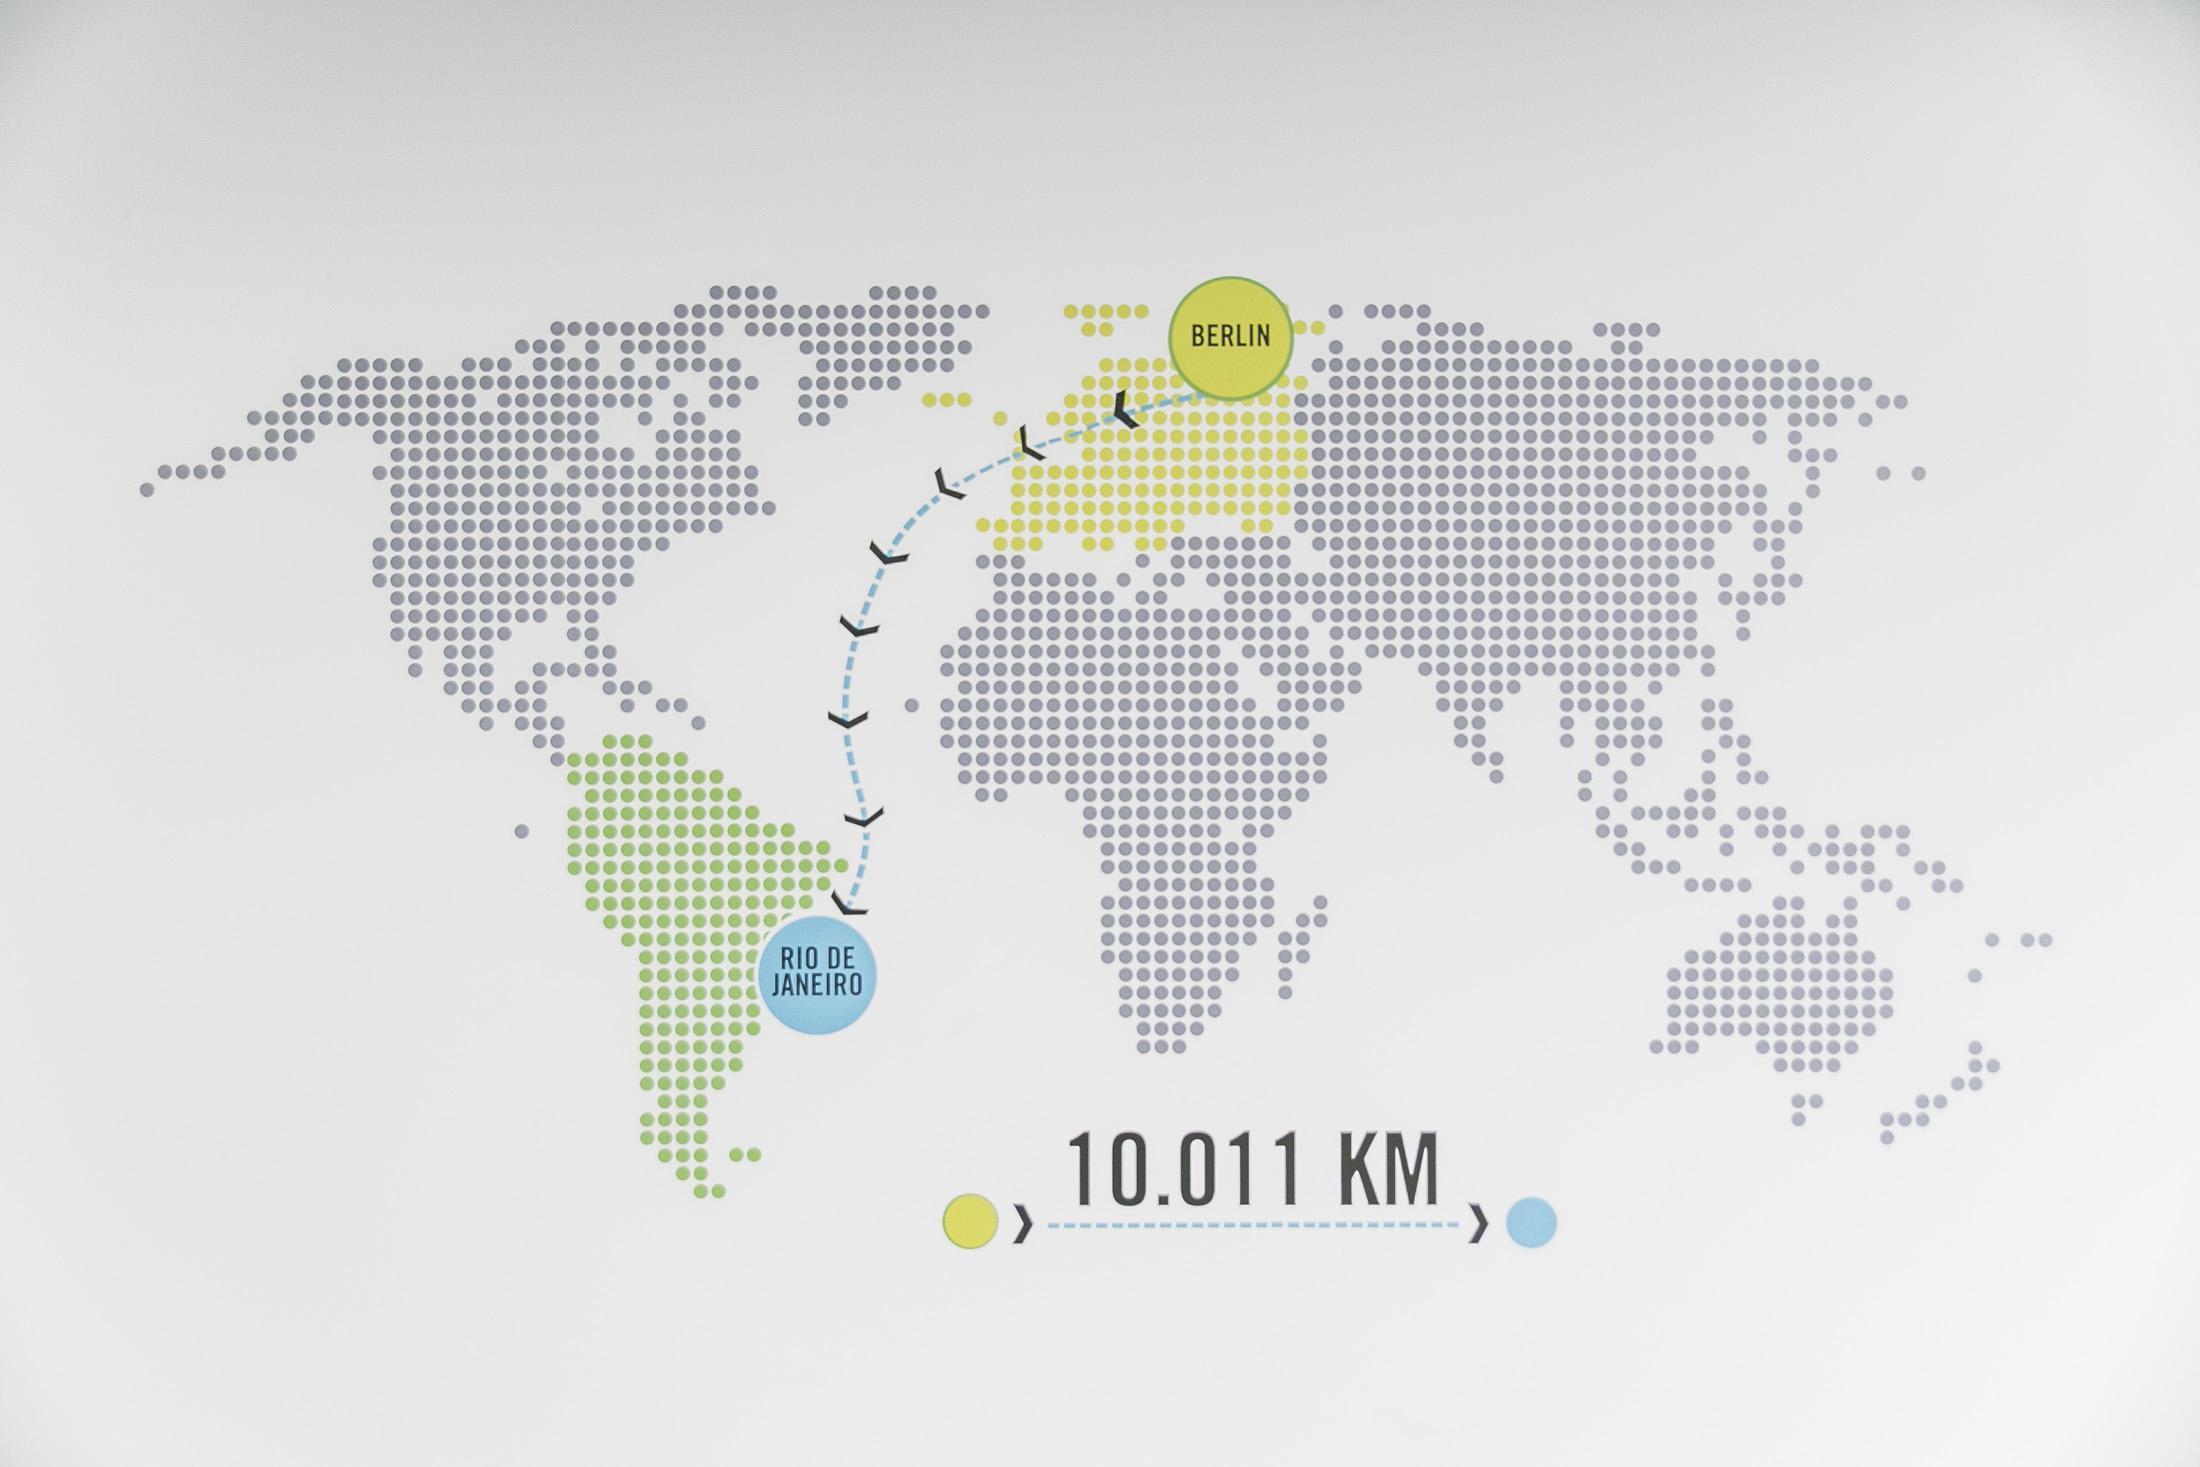 160210_Nike_Berlin_Rio_Medien_Location_18